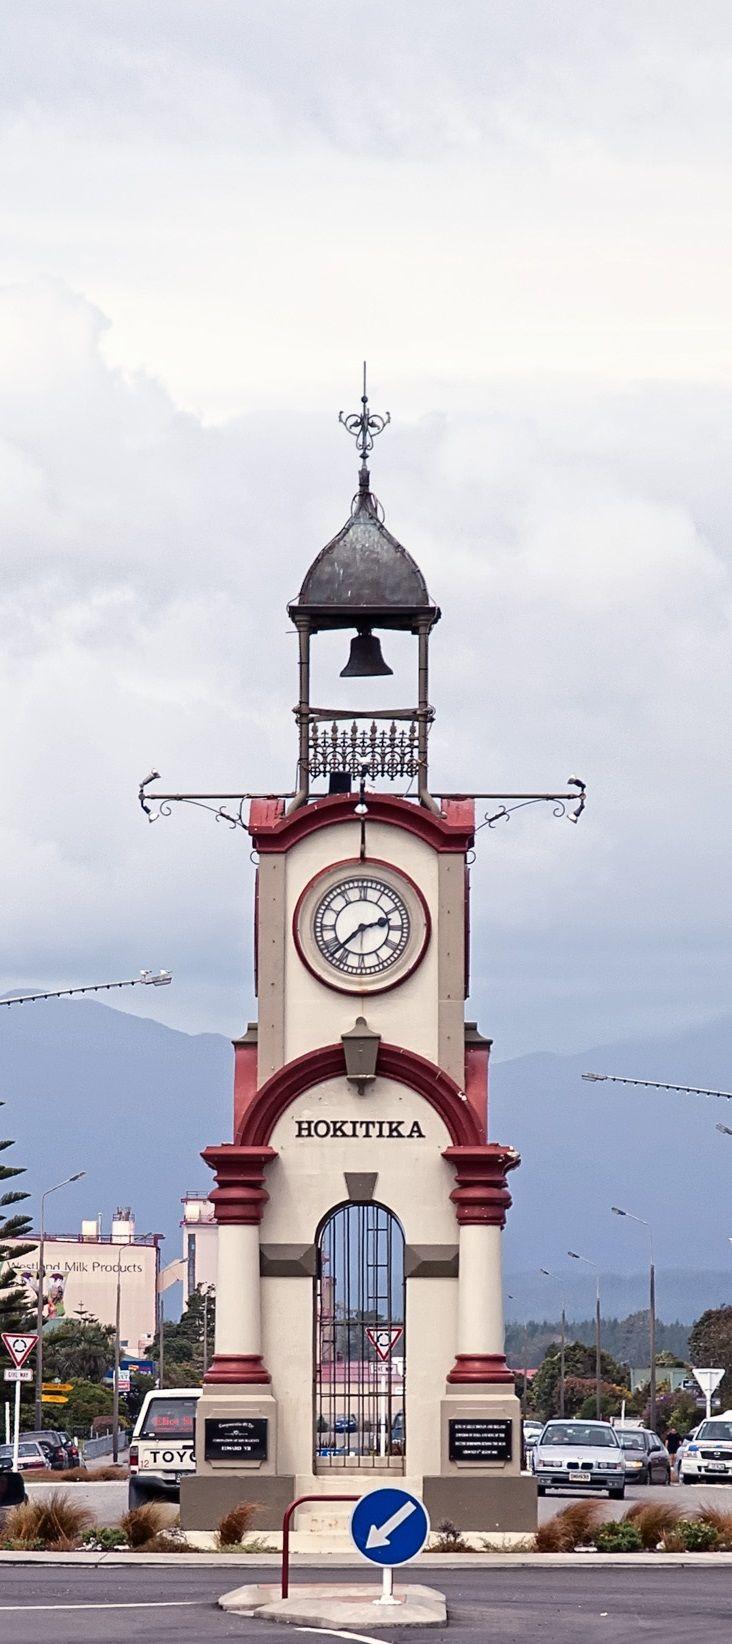 Hokitika - NZ, the iconic clock tower